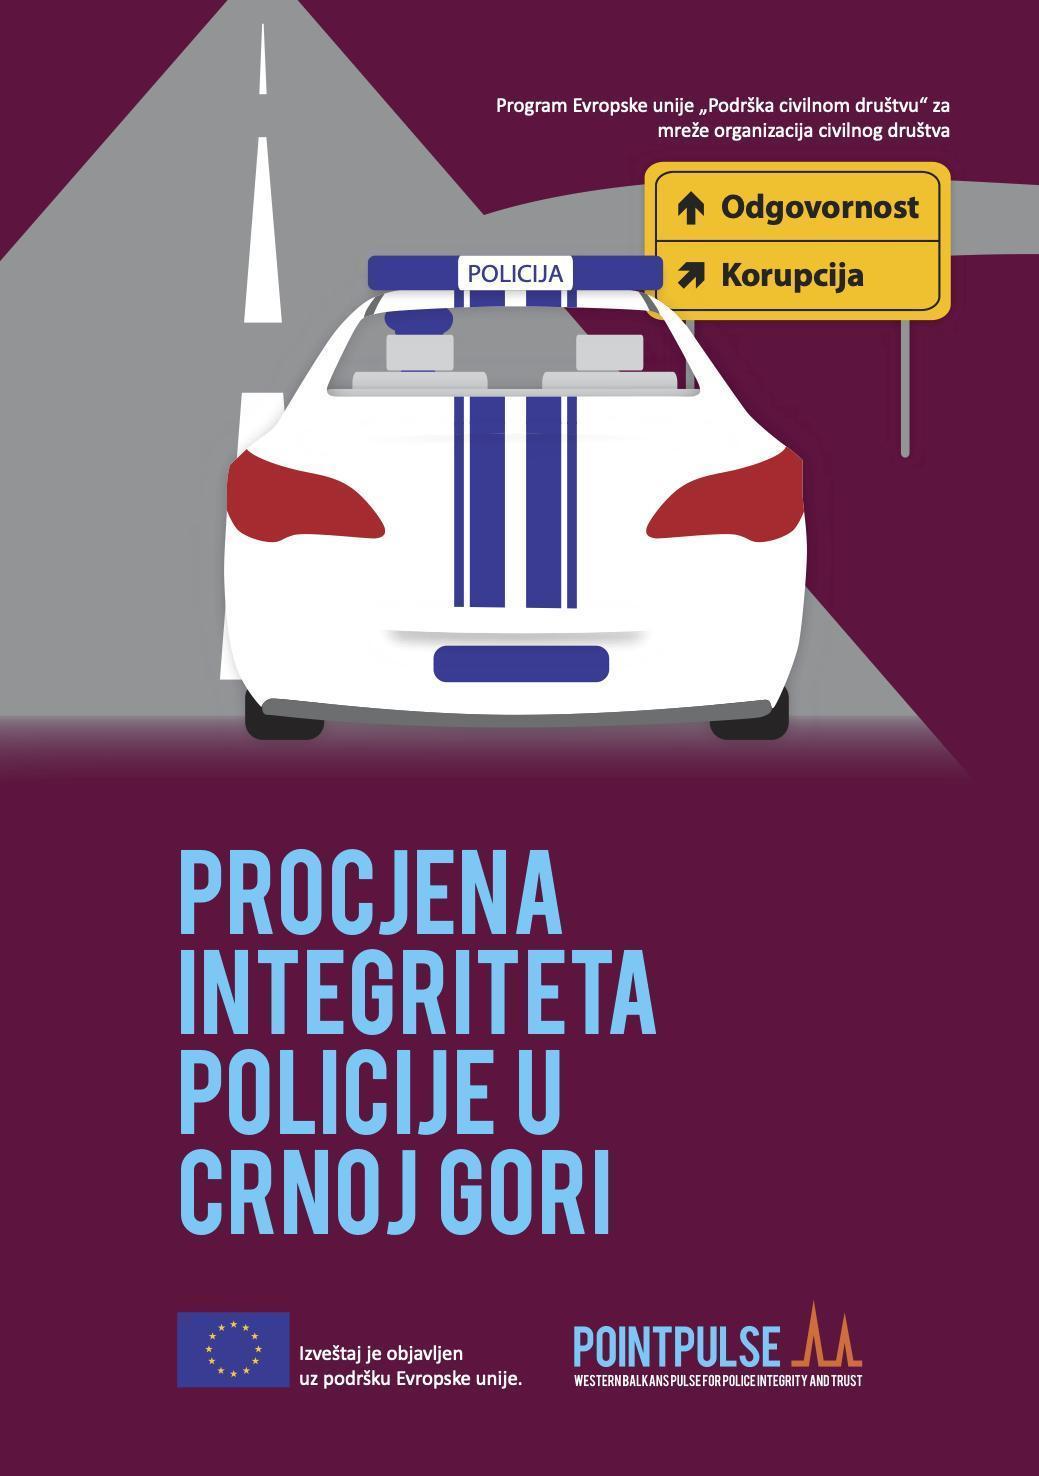 Procjena integriteta policije u Crnoj Gori